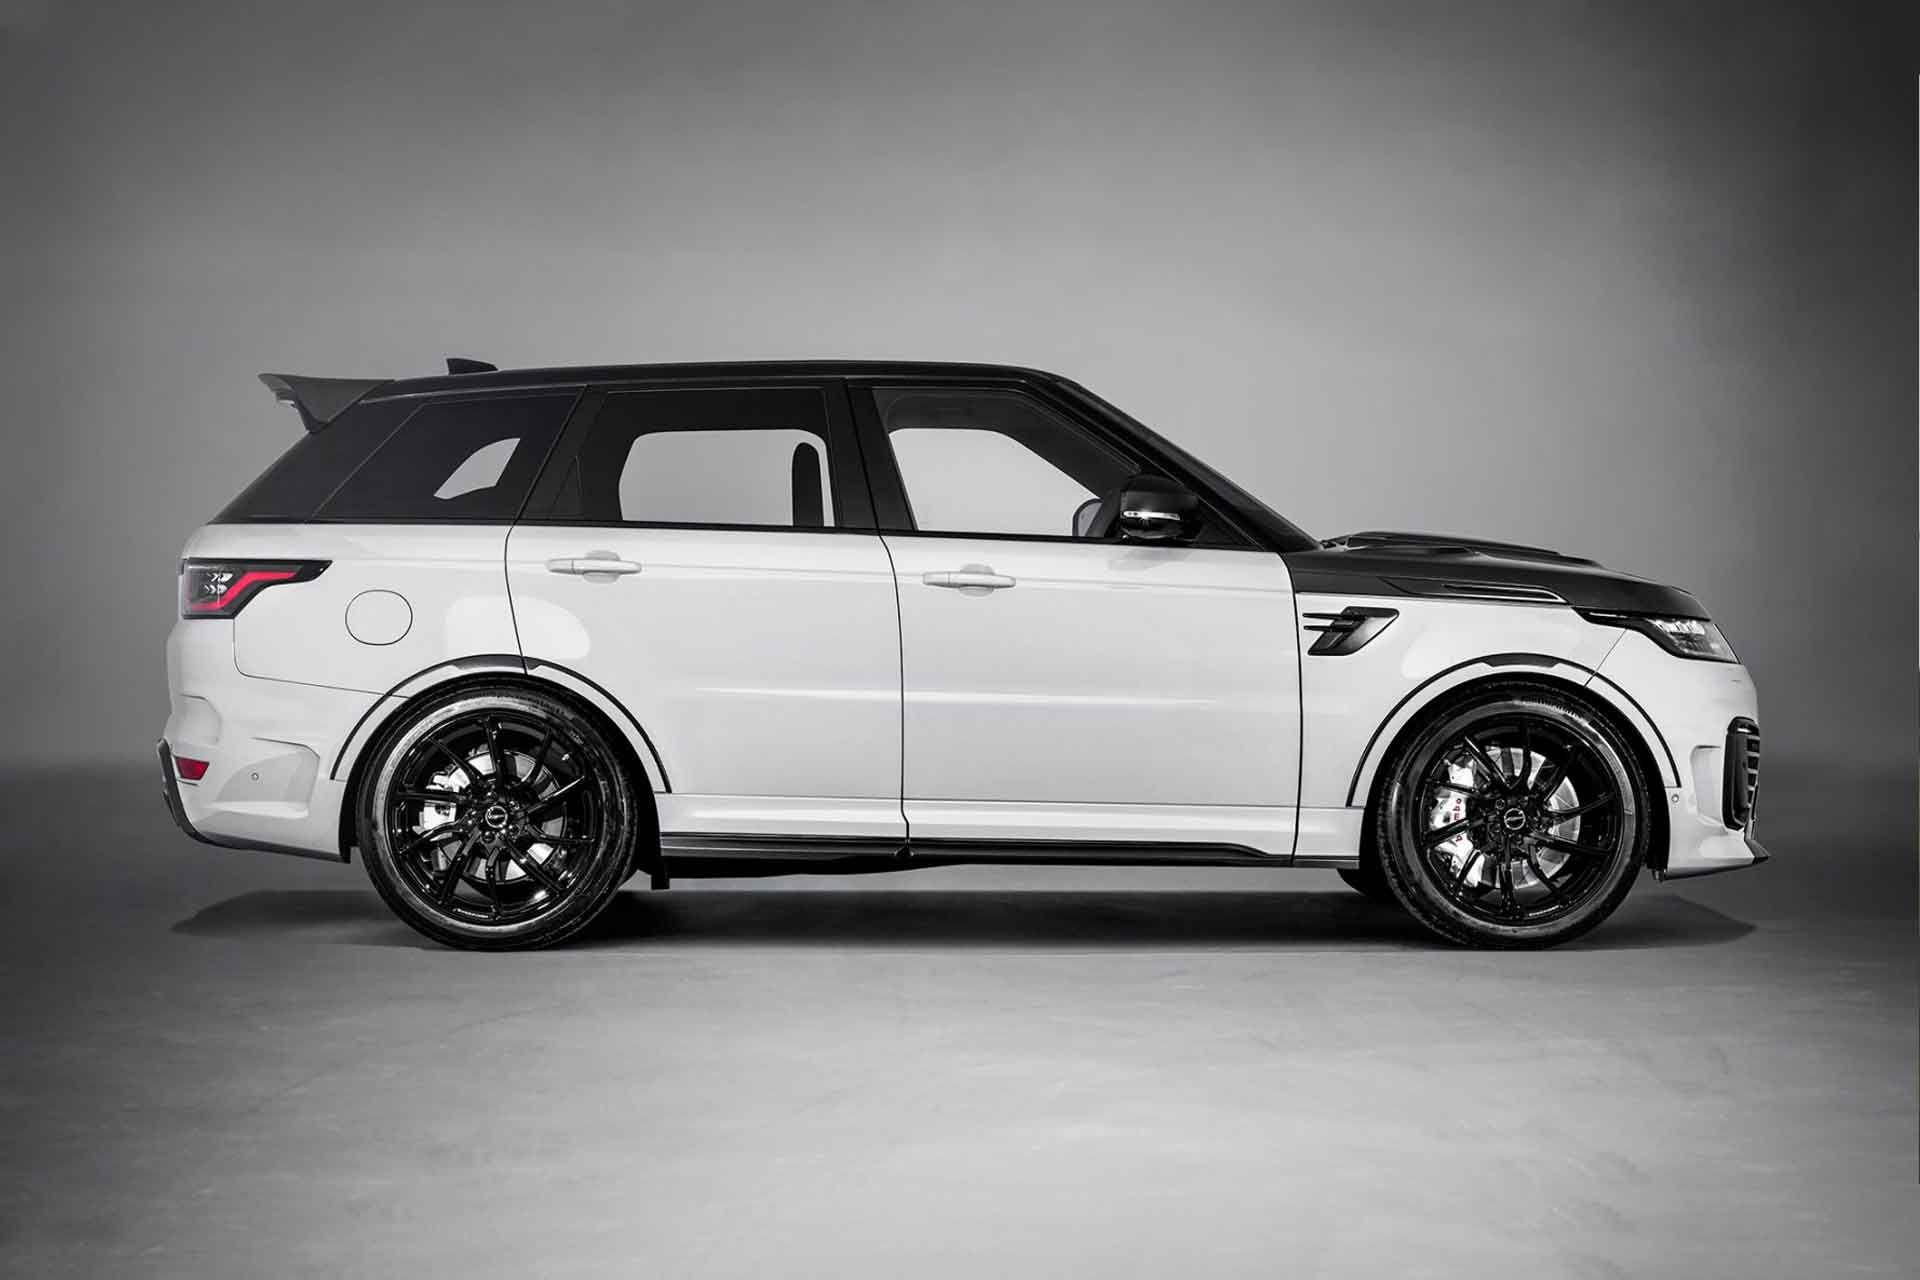 2020 Overfinch Supersport Suv Range Rover Sport Range Rover Mclaren P1 Carbon Series